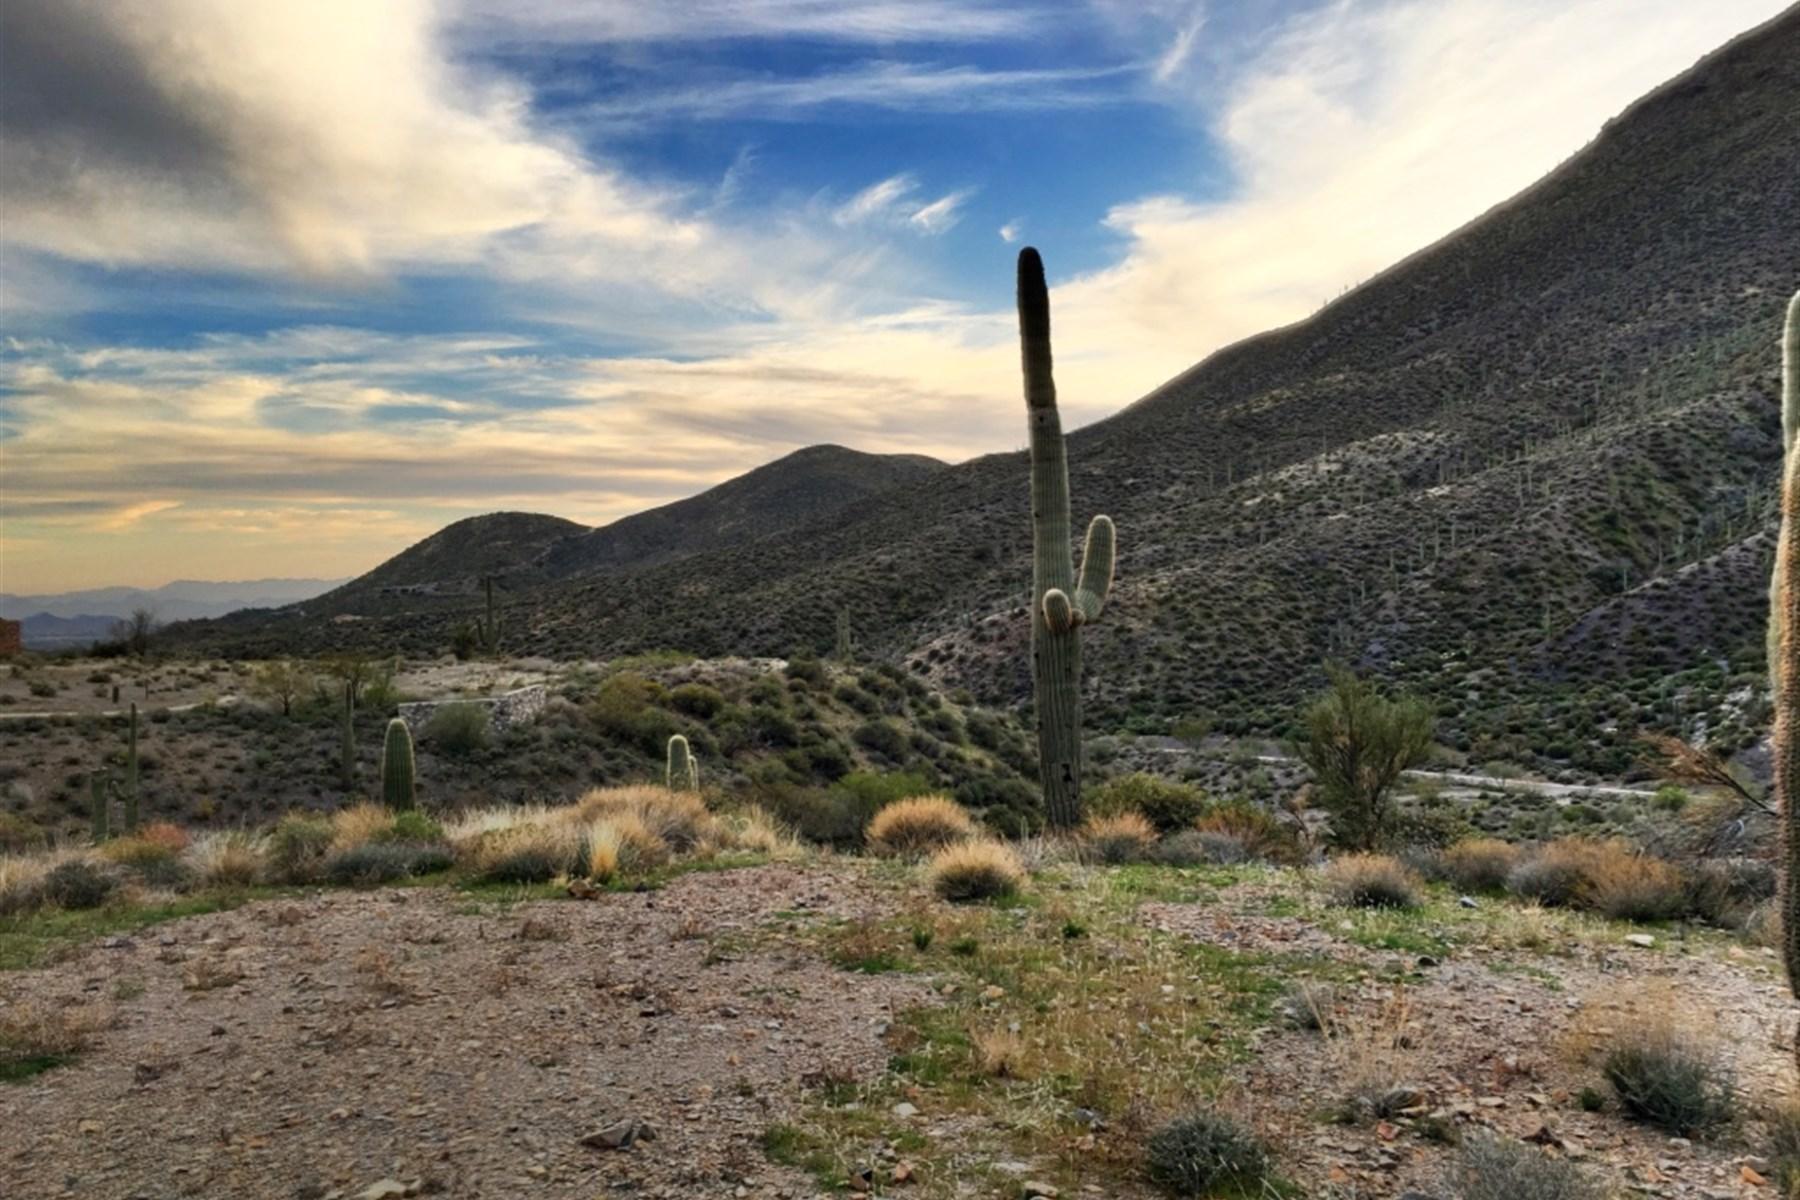 Terreno para Venda às Elevated site located within Desert Mountain's Cintarosa Ranch 9468 E High Canyon Dr #348 Scottsdale, Arizona, 85262 Estados Unidos